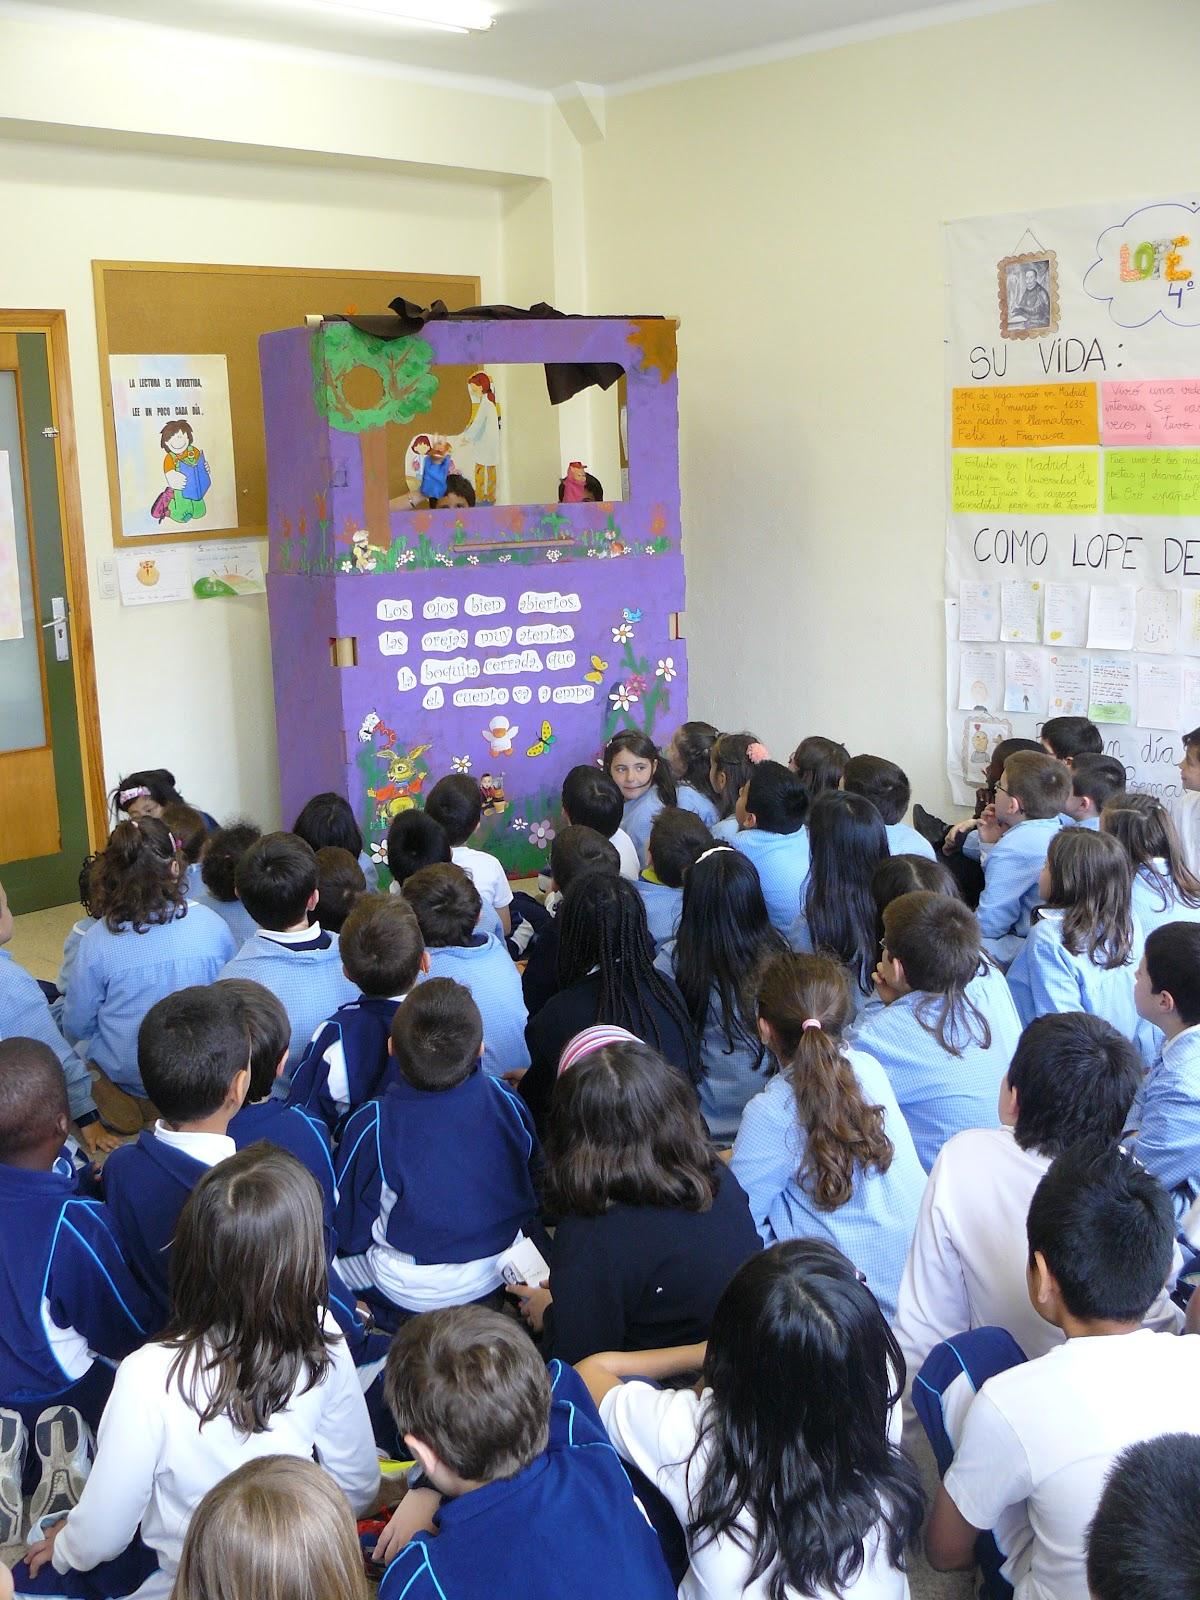 Colegio amor de dios burlada marionetas para primaria - Colegio amor de dios oviedo ...